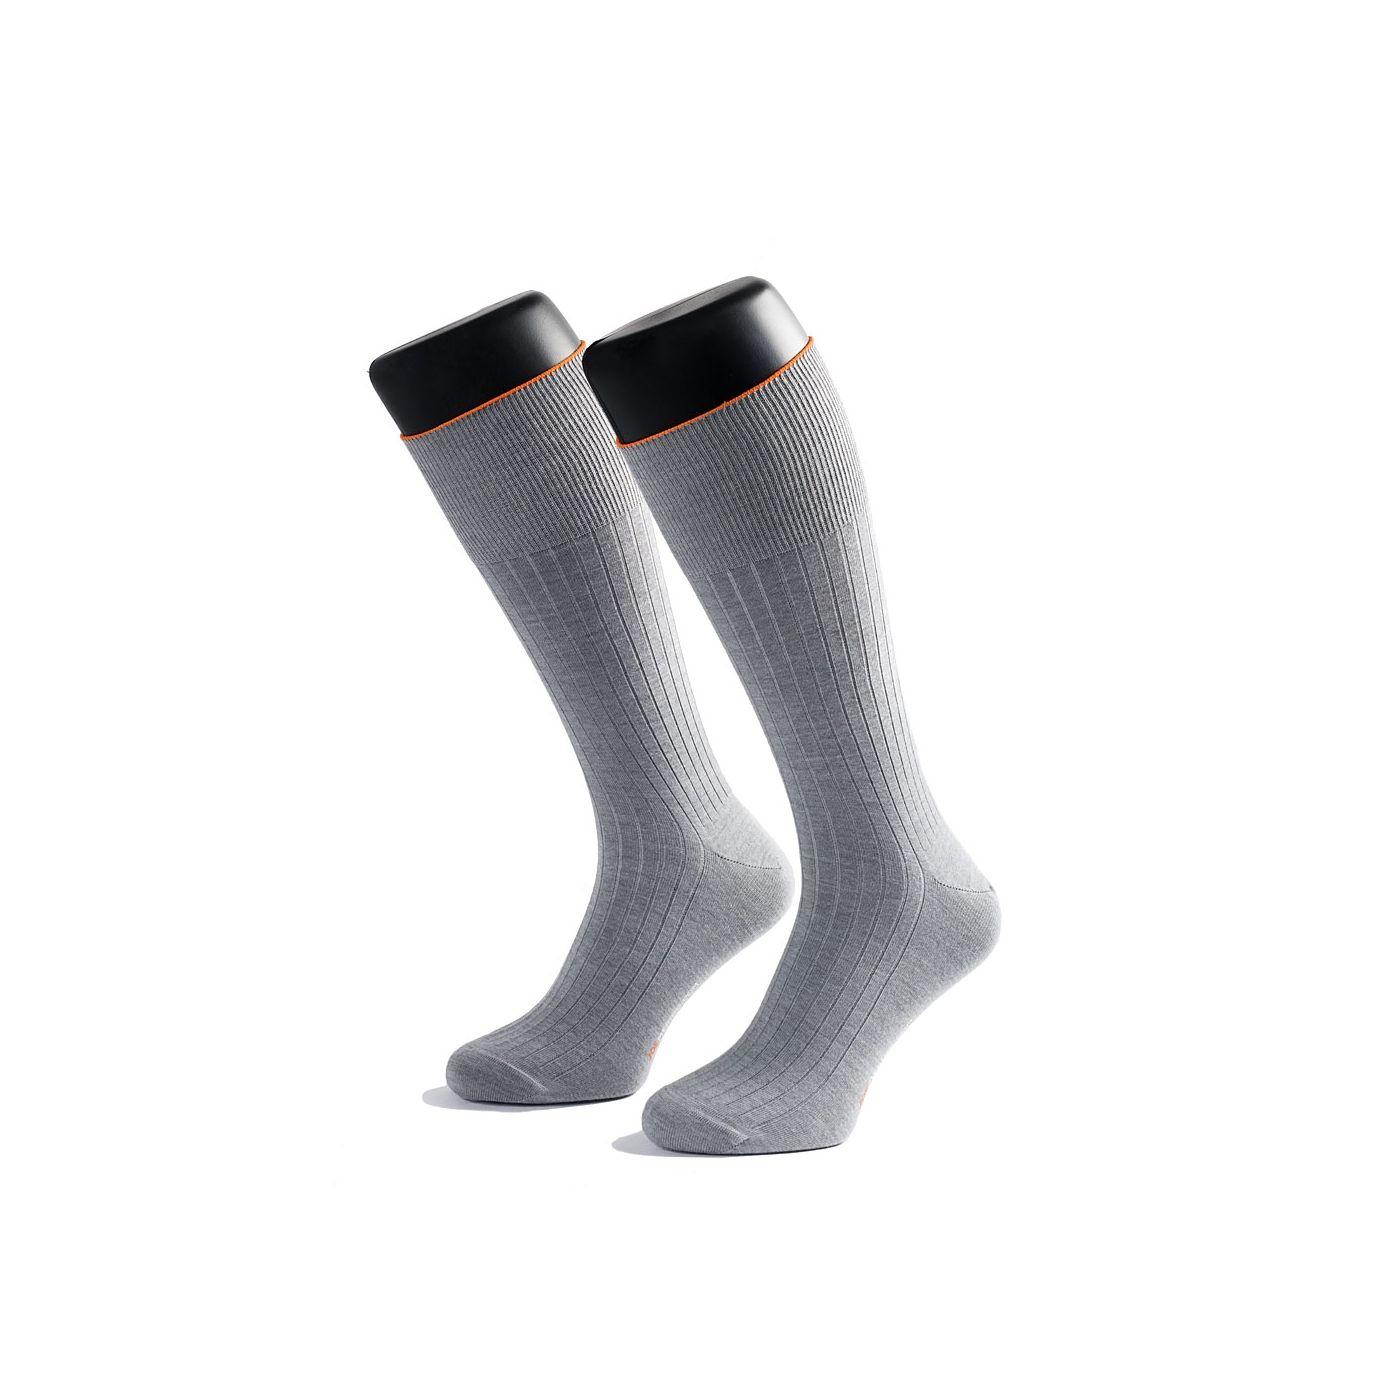 Socks for men made of Merino wool in